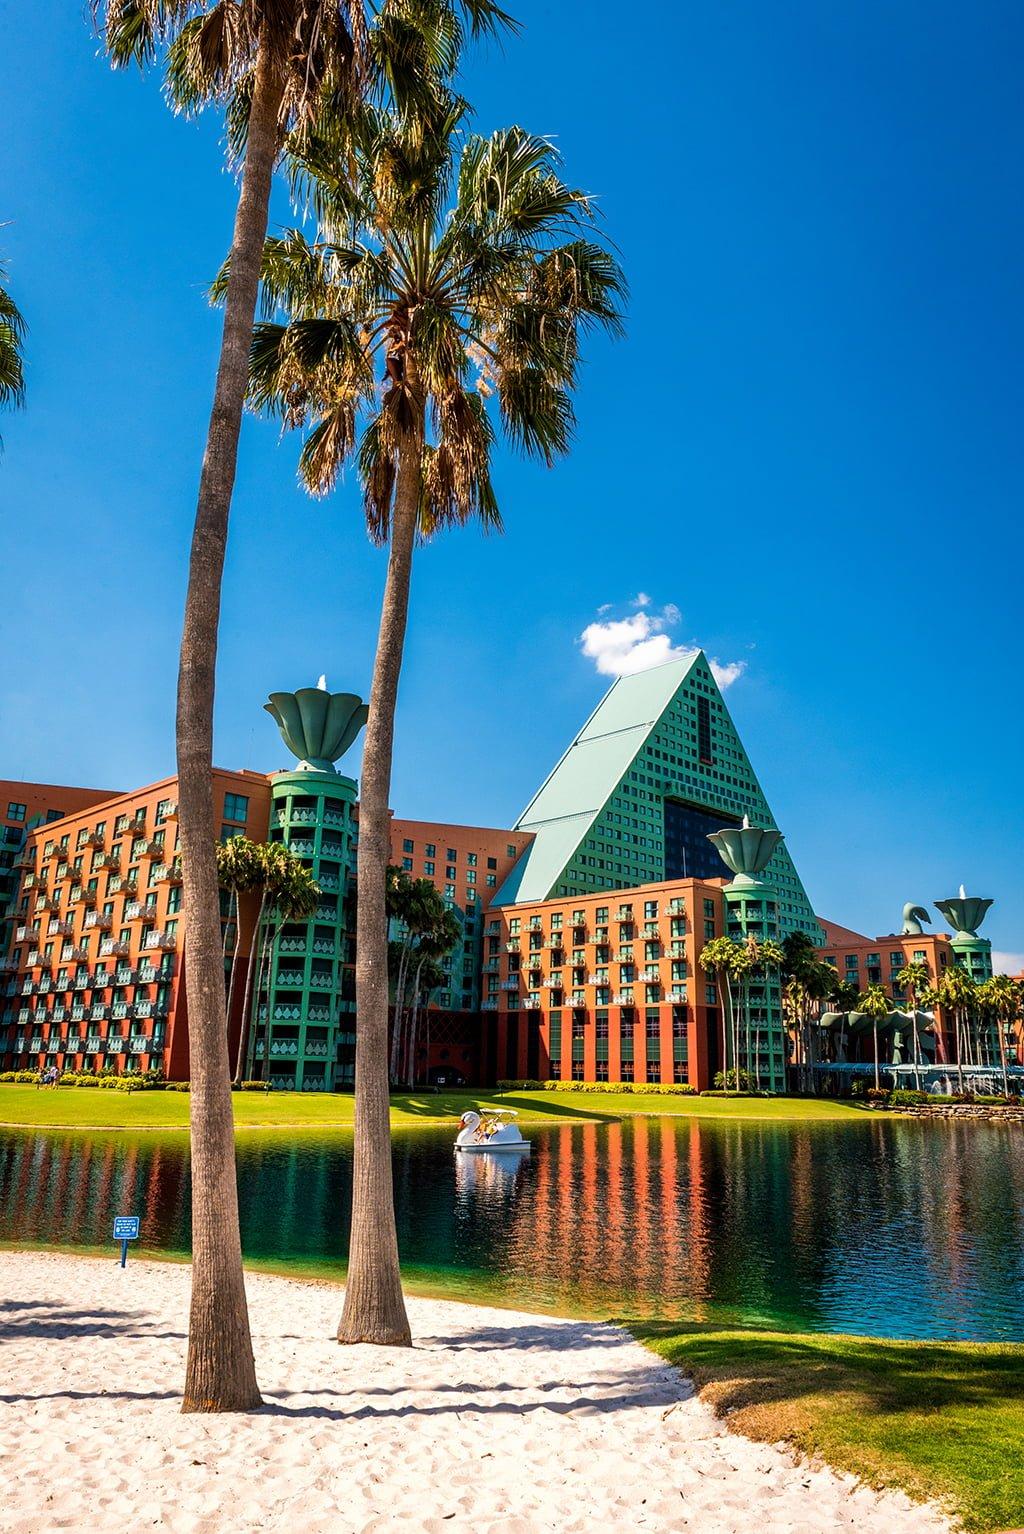 Off-Site V. On-Site Disney World Hotels